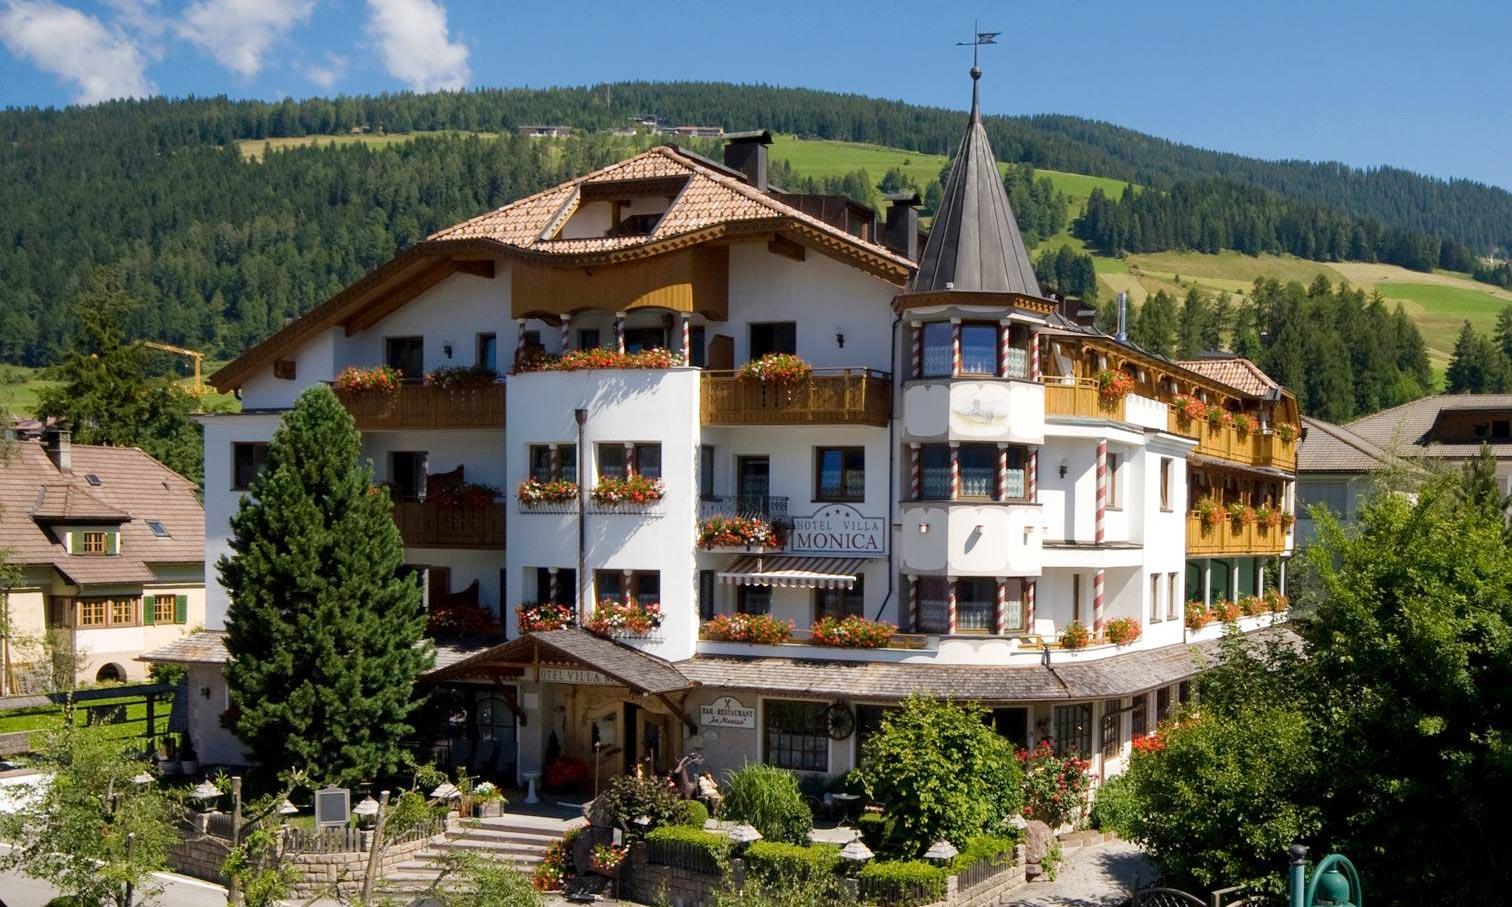 hotel-villa-monica